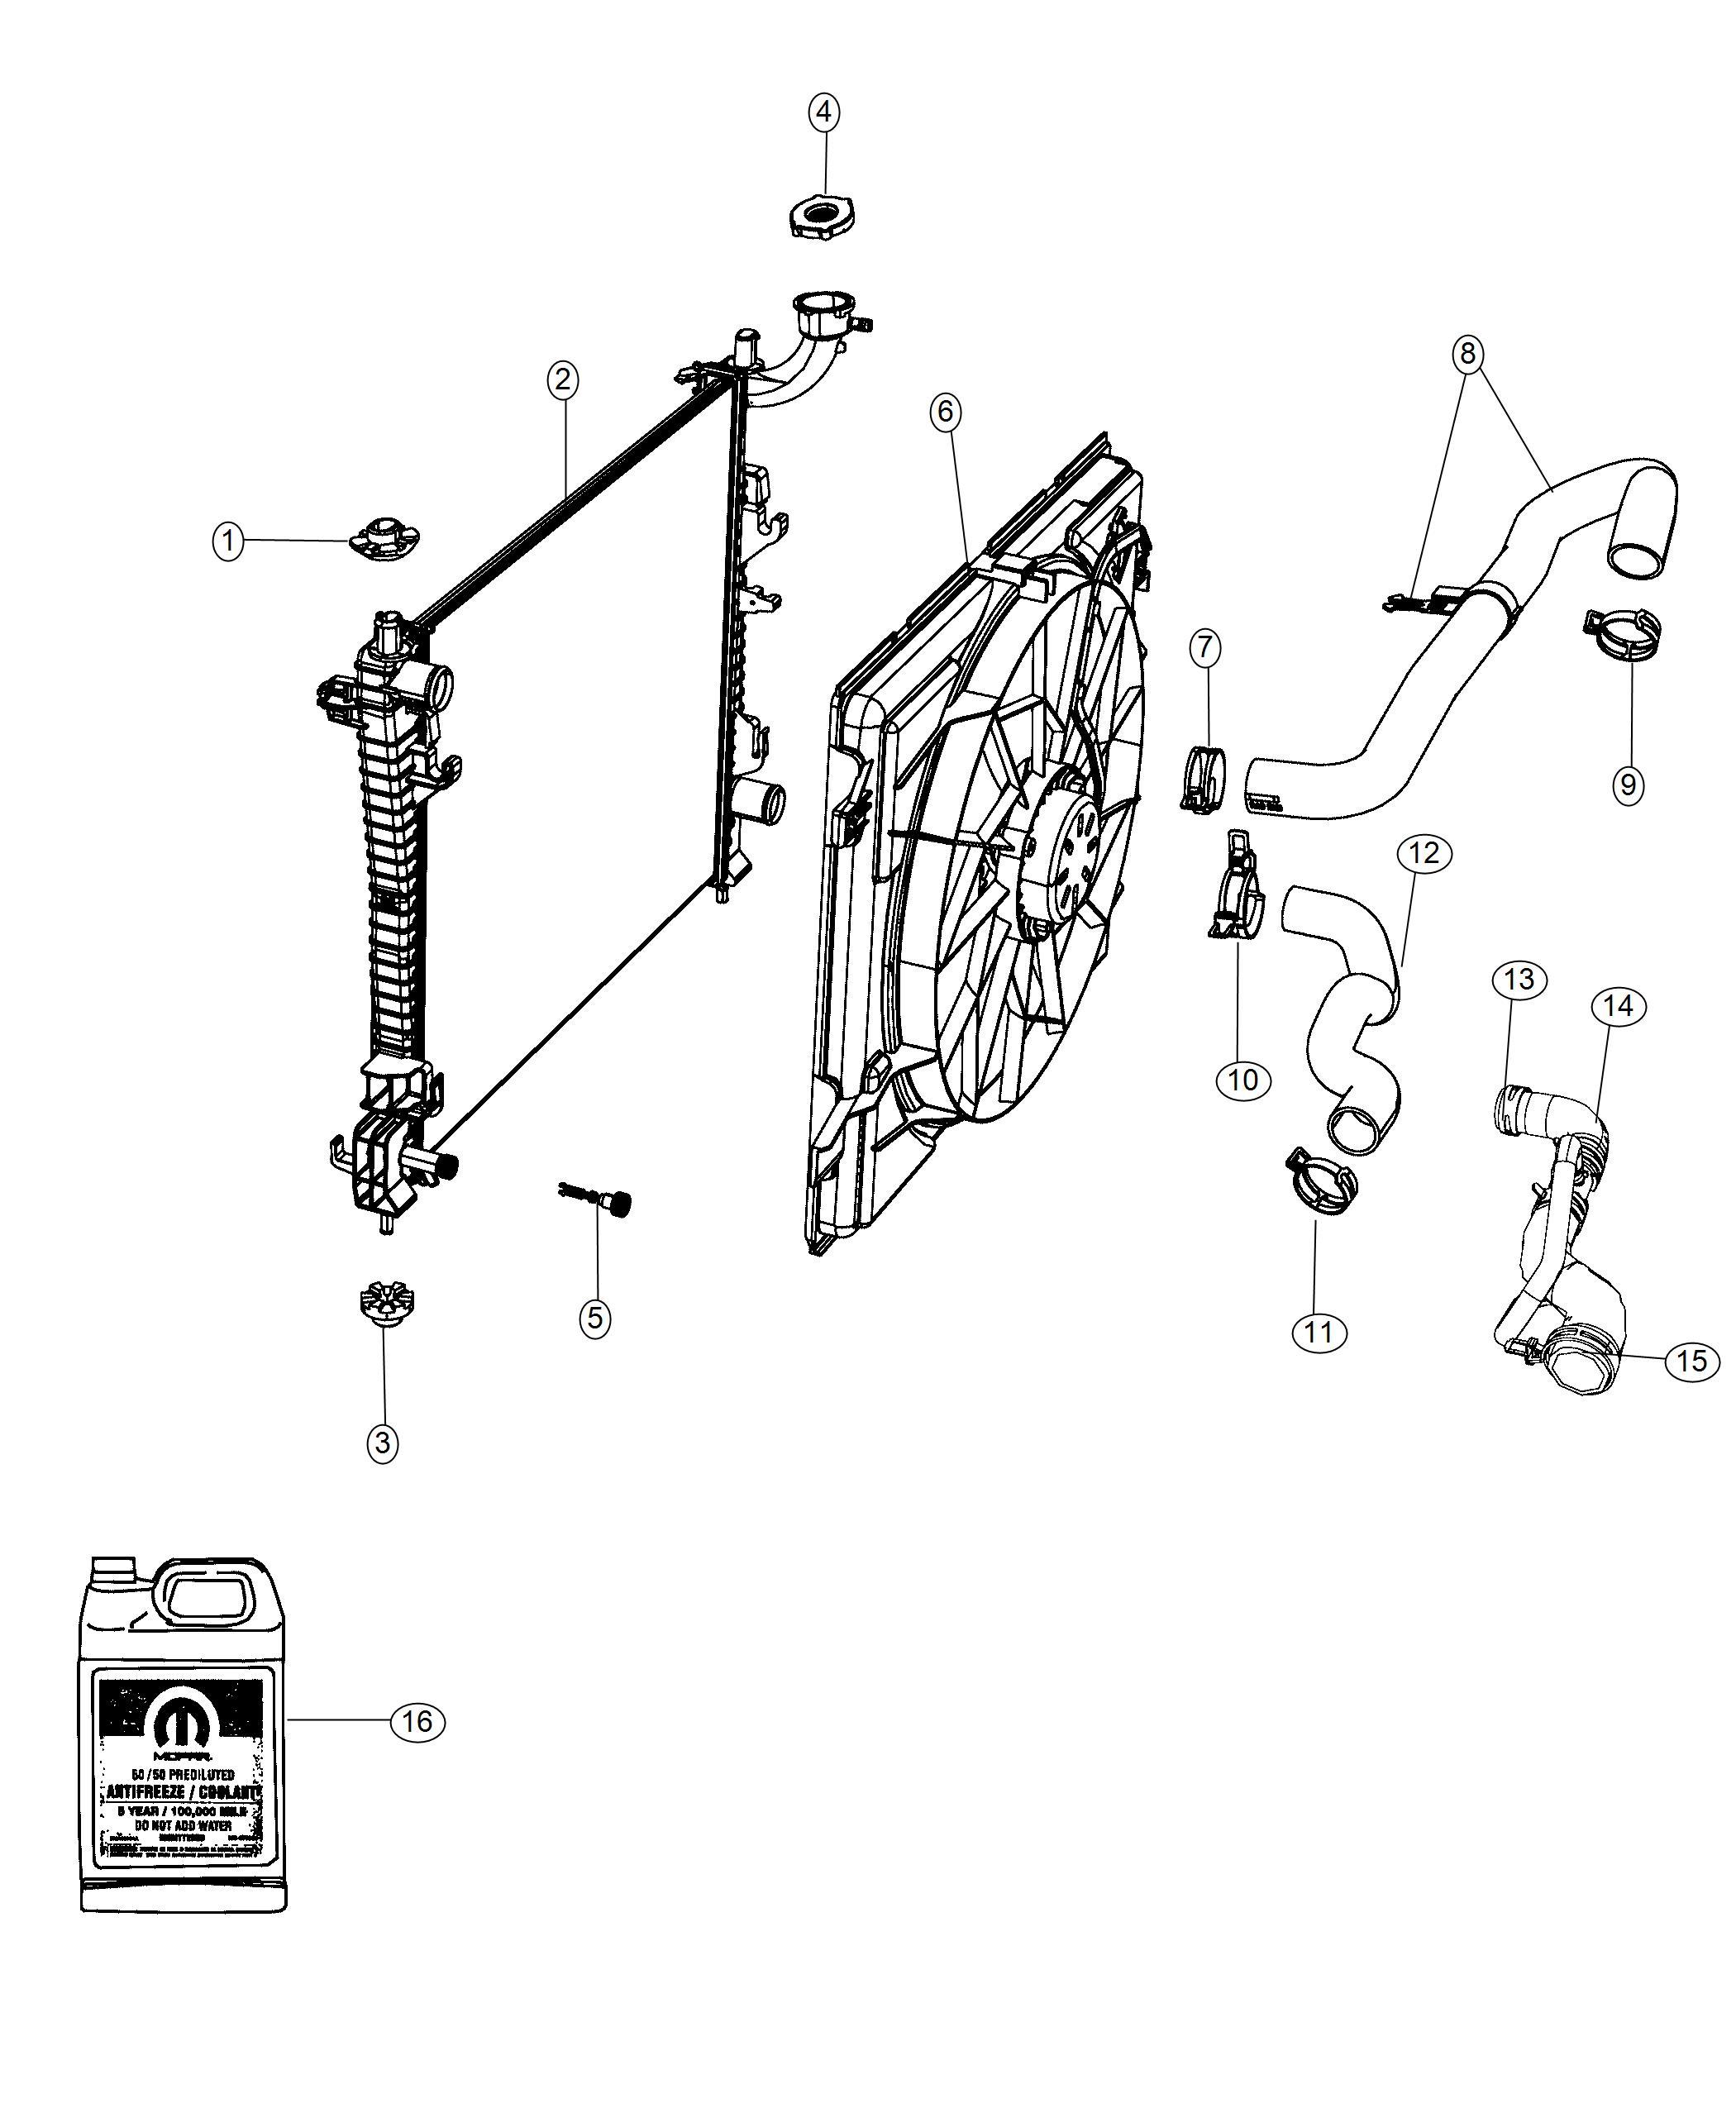 2012 dodge durango engine diagram